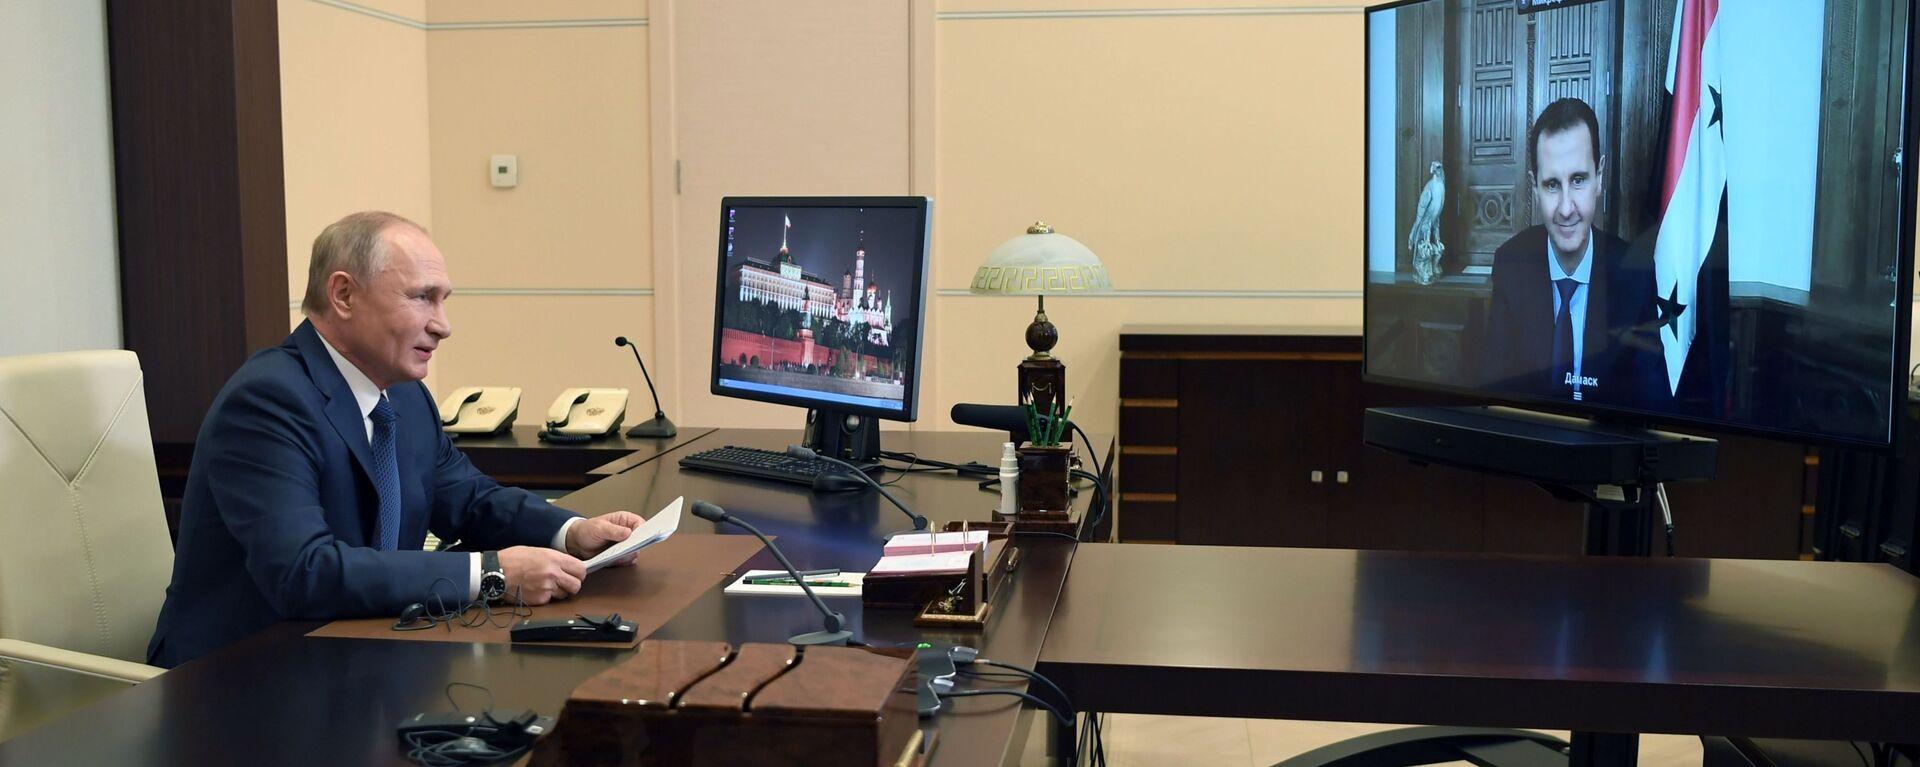 Vladimir Putin během videokonference s Bašárem Asadem  - Sputnik Česká republika, 1920, 09.11.2020